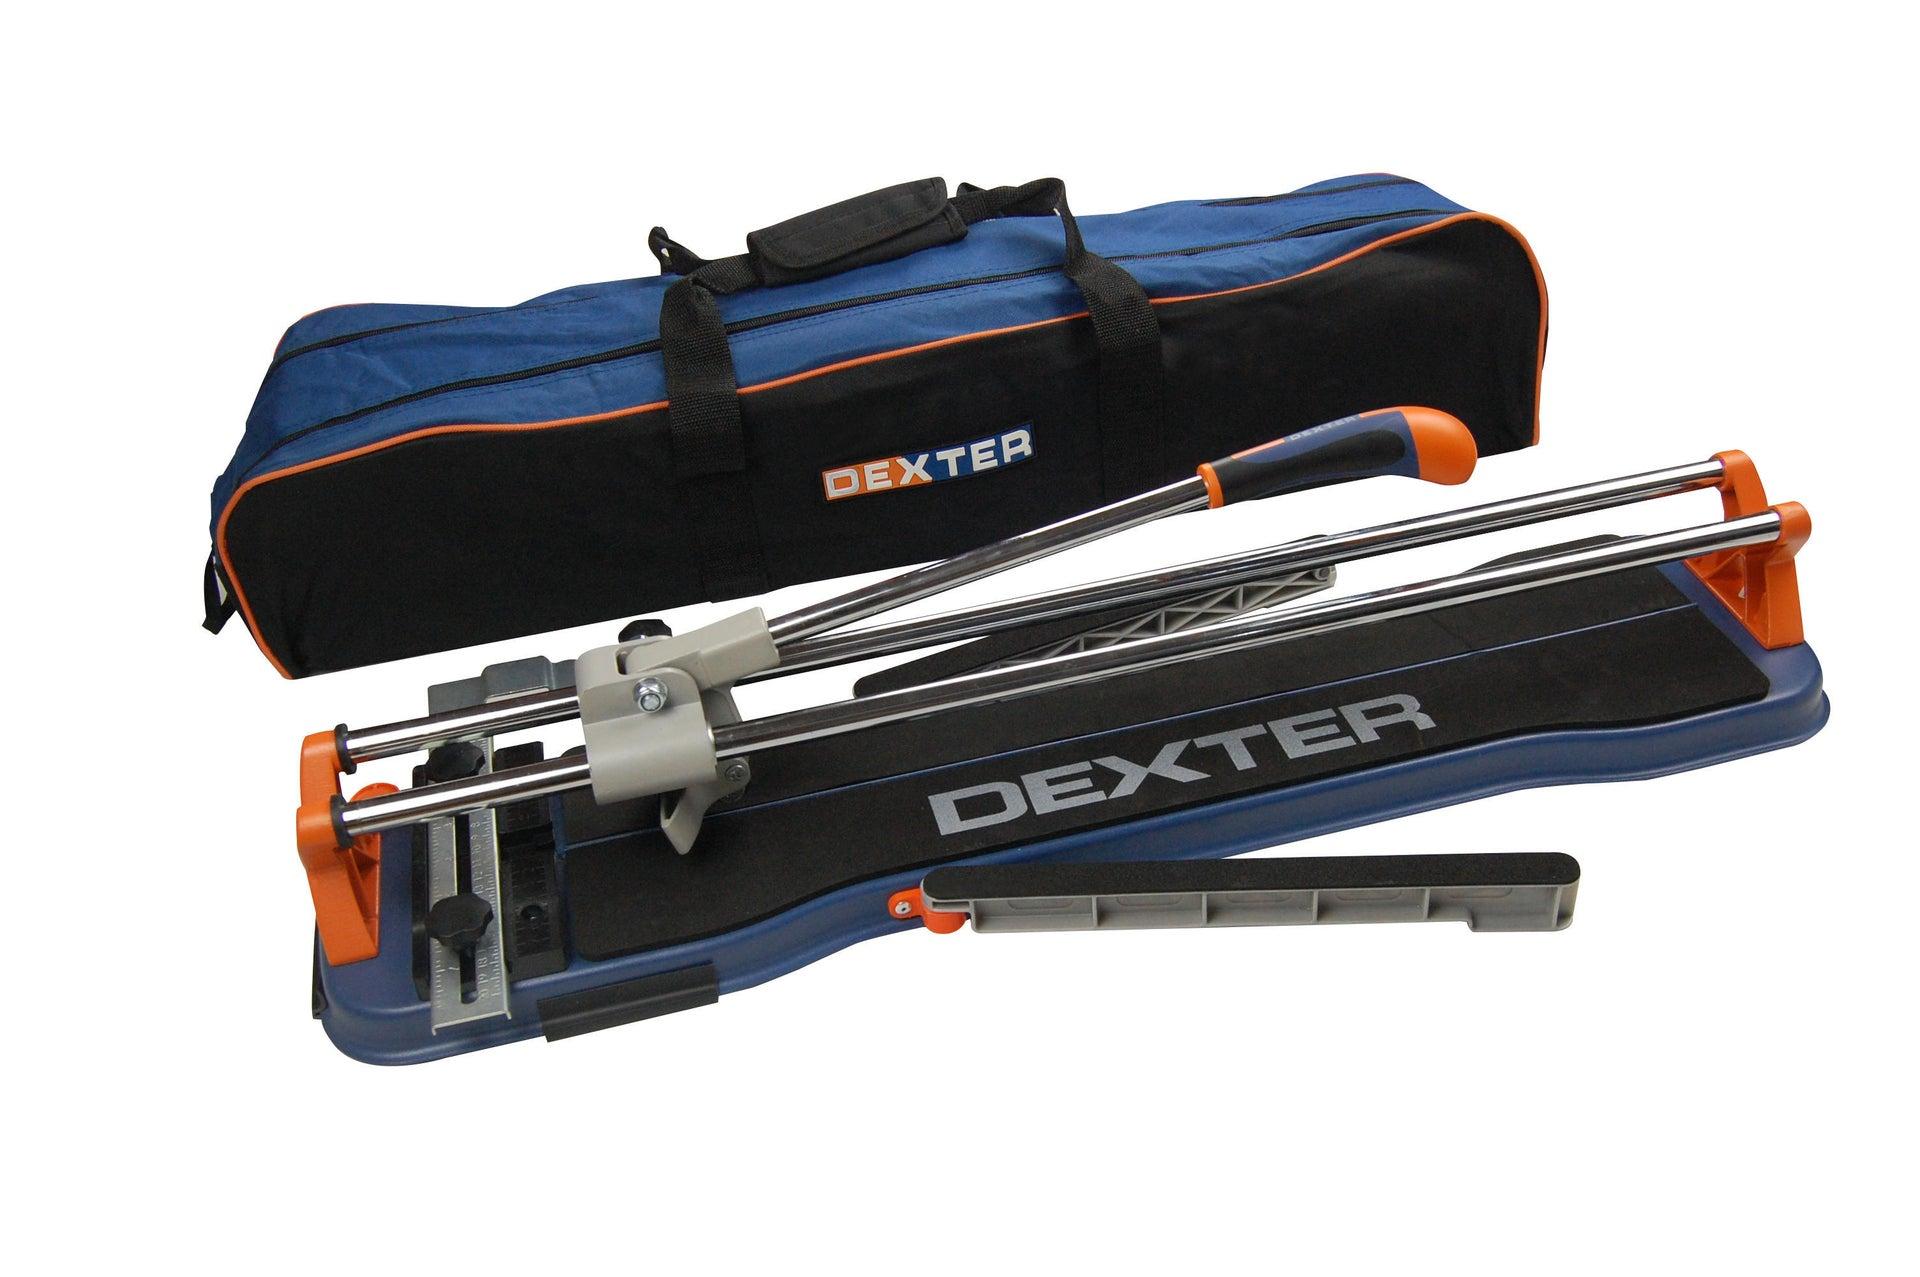 Tagliapiastrelle manuale DEXTER , lunghezza max taglio 600 mm - 3